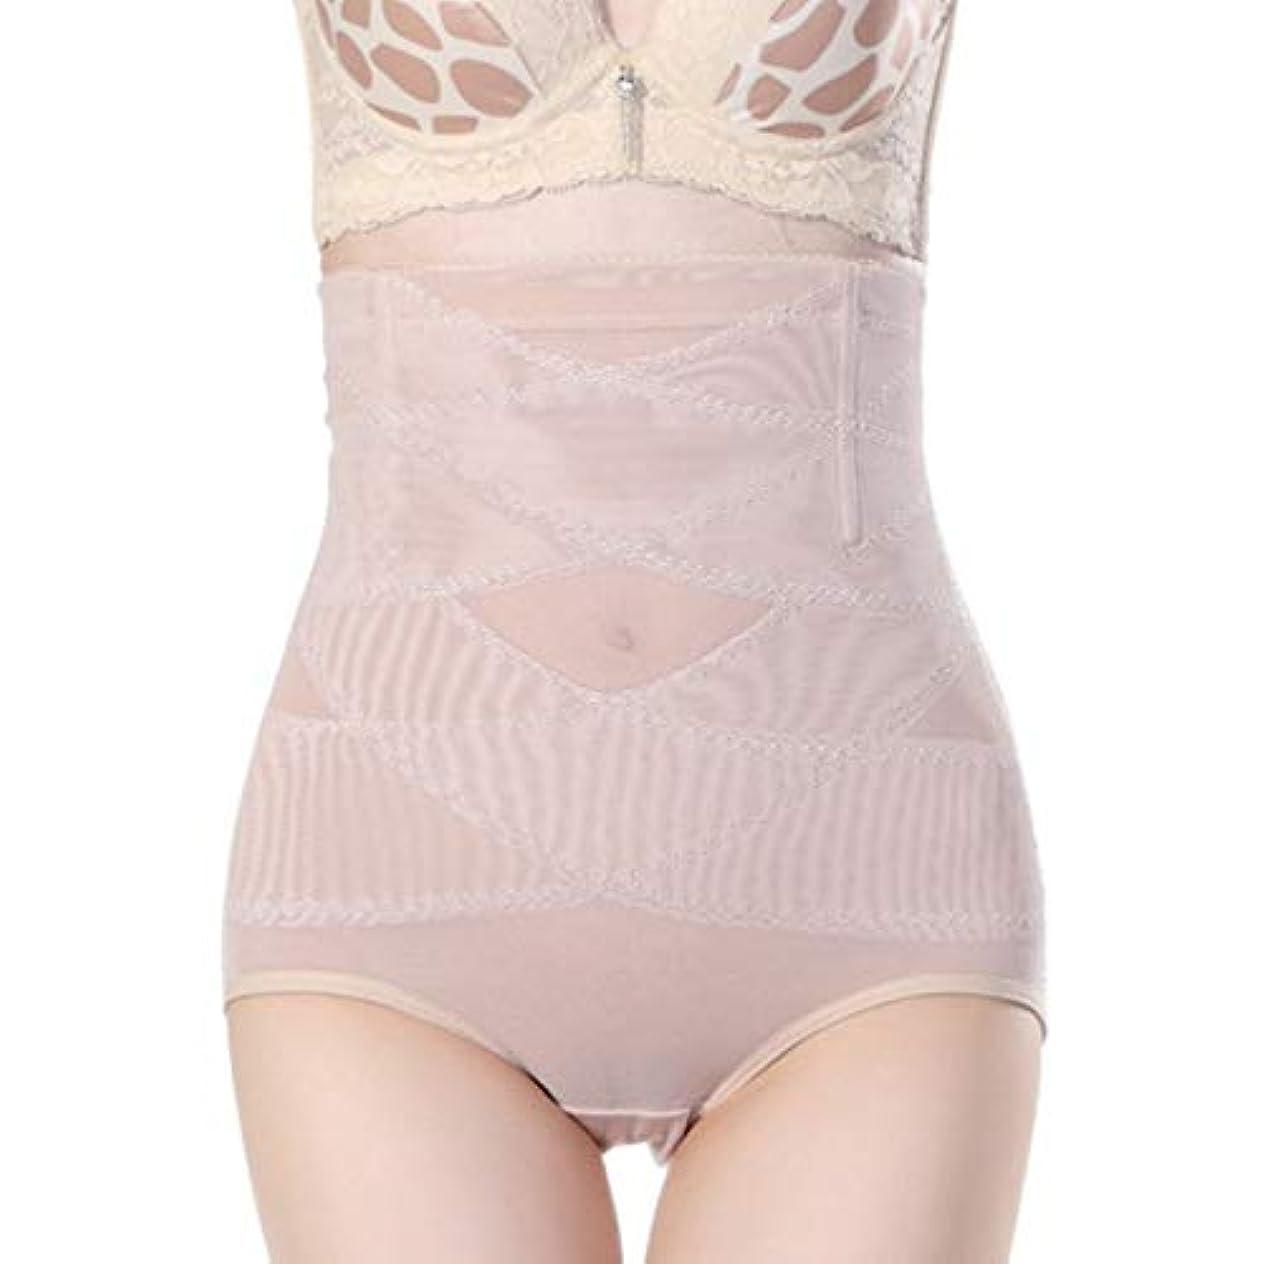 居住者士気同等の腹部制御下着シームレスおなかコントロールパンティーバットリフターボディシェイパーを痩身通気性のハイウエストの女性 - 肌色2 XL